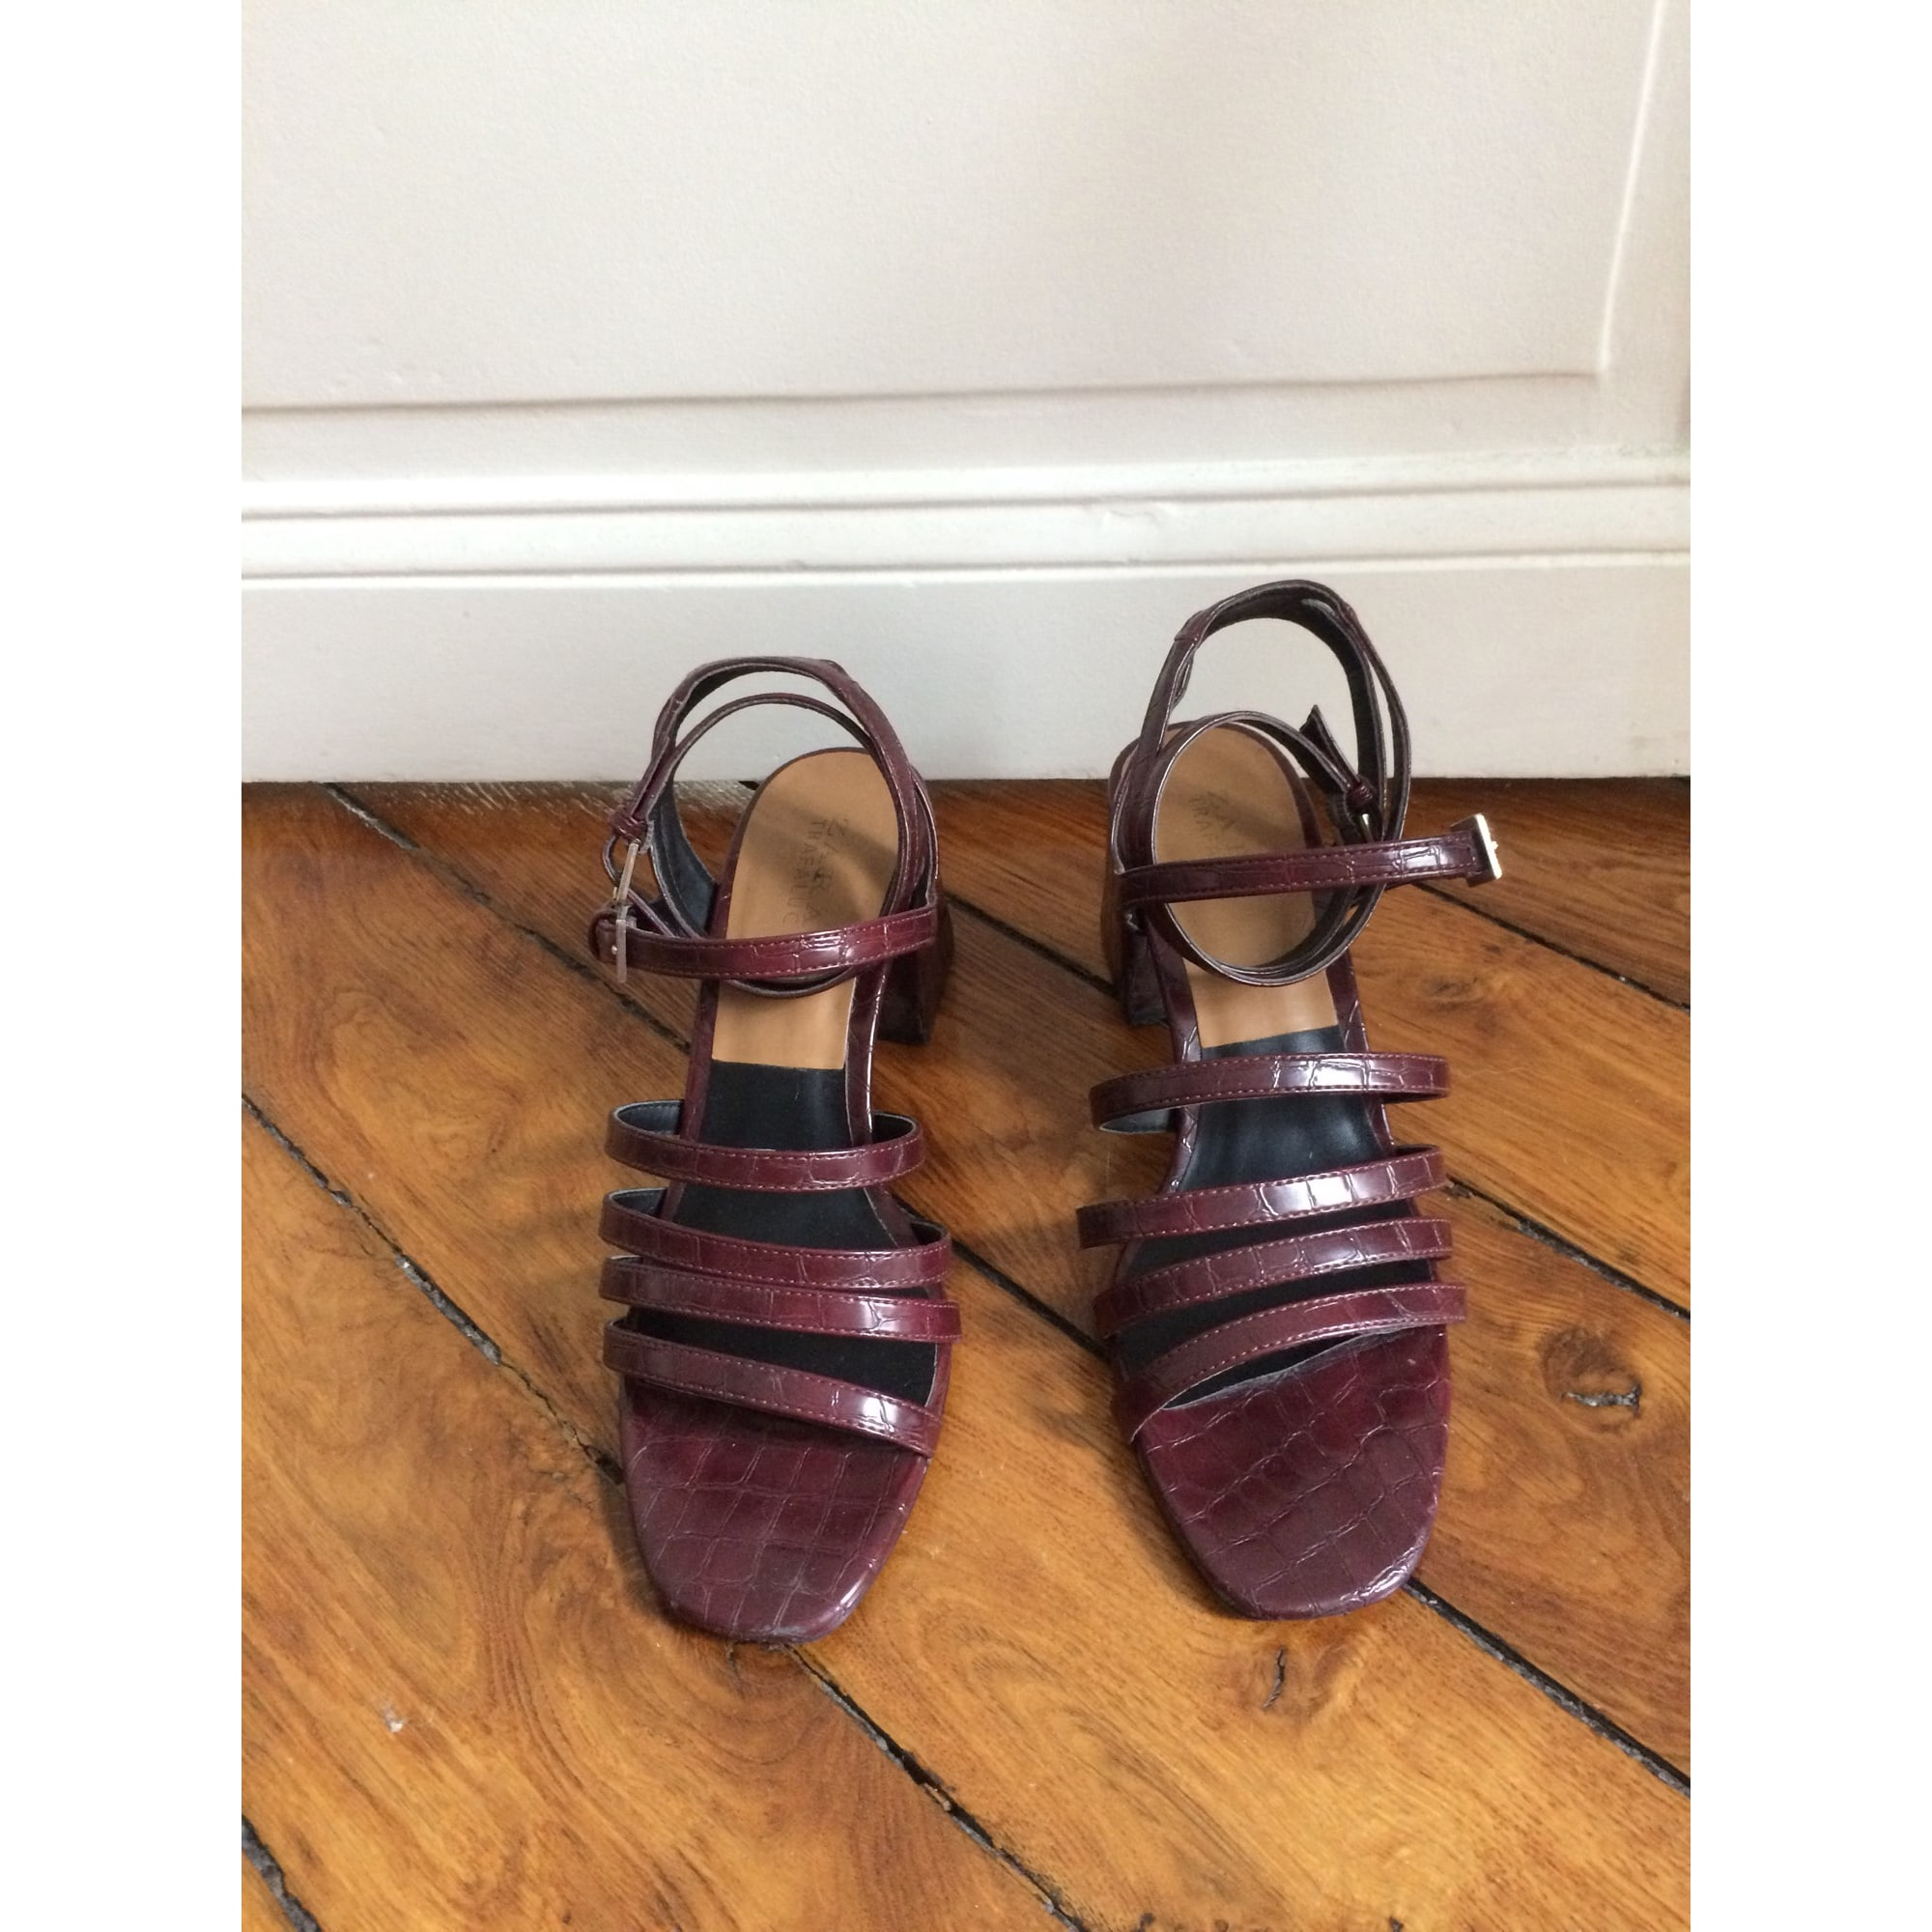 567252abd59dfd Sandales à talons ZARA 40 rouge vendu par Louise 75 - 6455113